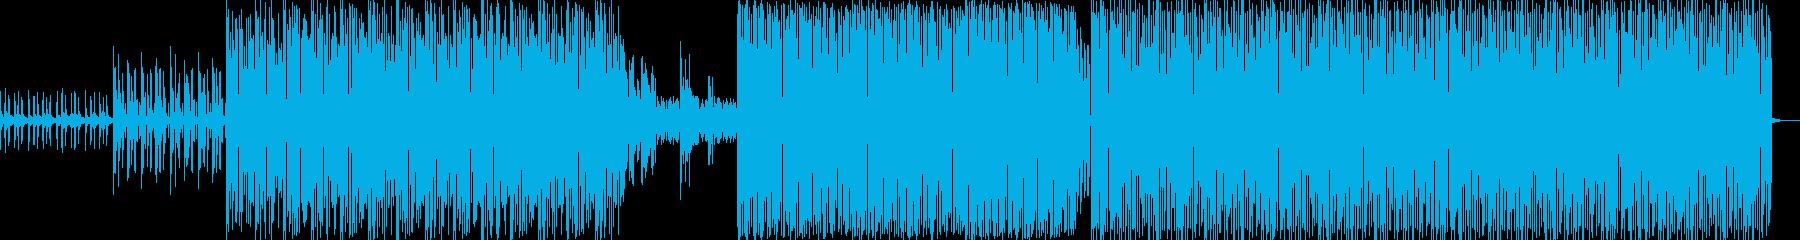 ハイテンポバージョン bpm122 の再生済みの波形